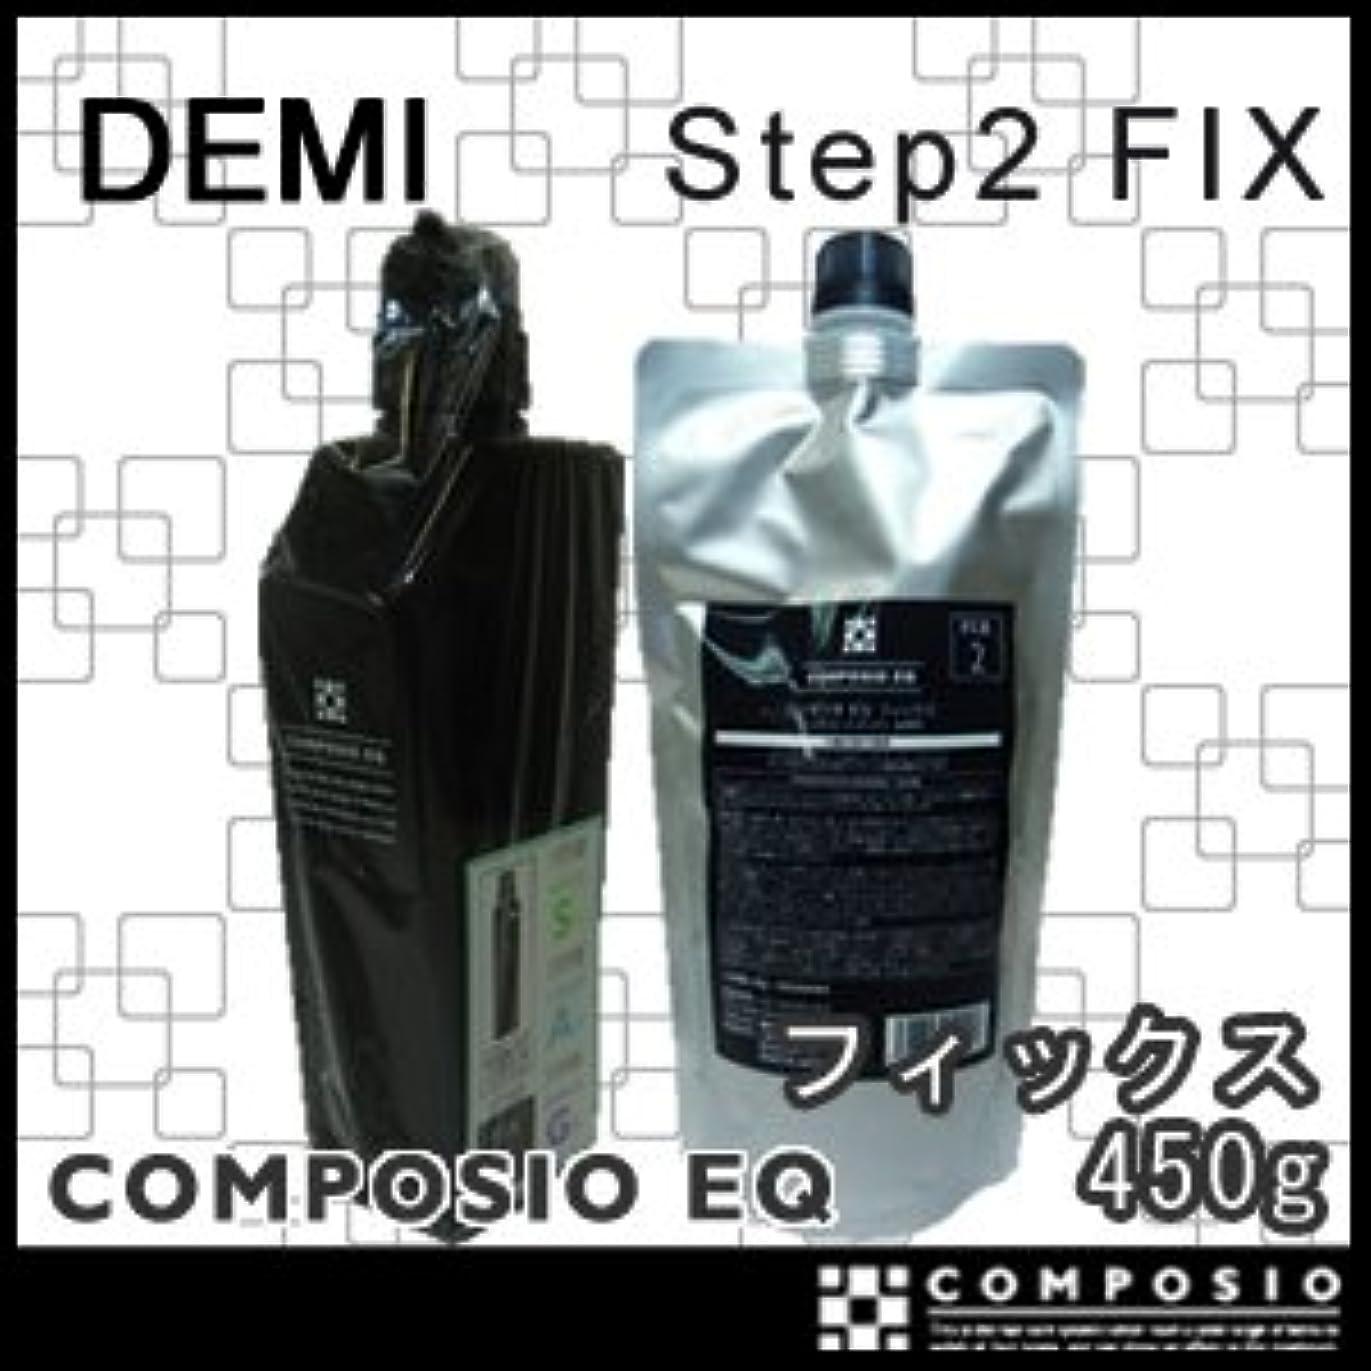 見つける手入れ弾力性のあるデミ コンポジオ EQ フィックス 詰替え ボトル付 450g 業務用